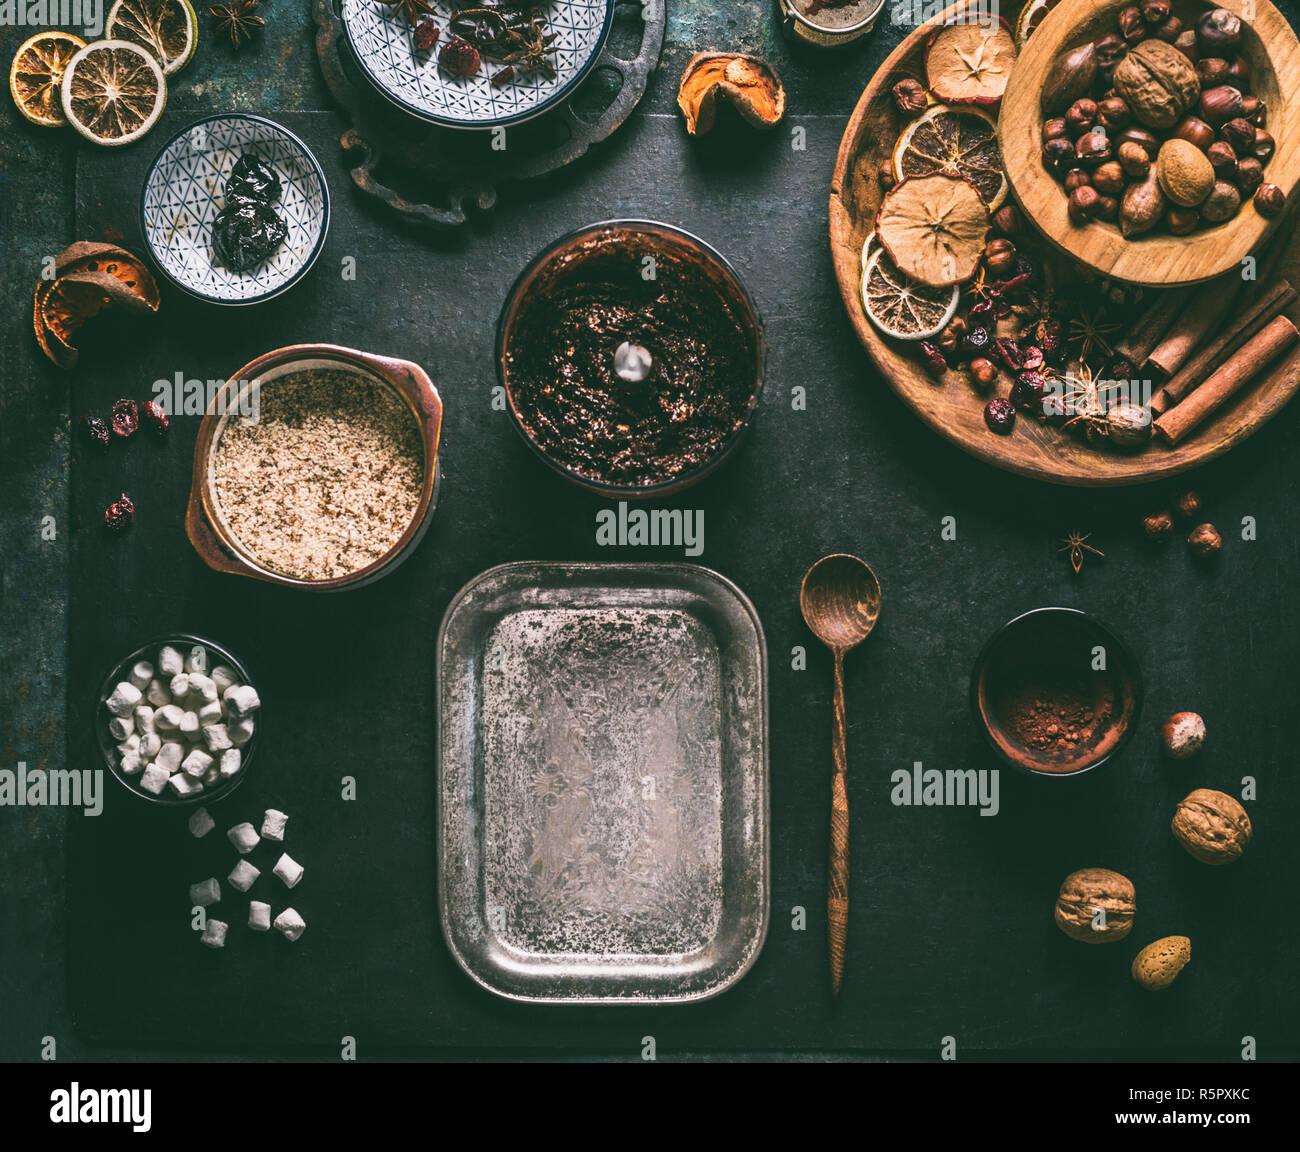 Preparación casera de vegan chocolate truffle praliné con frutos secos y nueces, mezcle los ingredientes en un fondo oscuro, vista superior. Dulces sanos. Ene Foto de stock